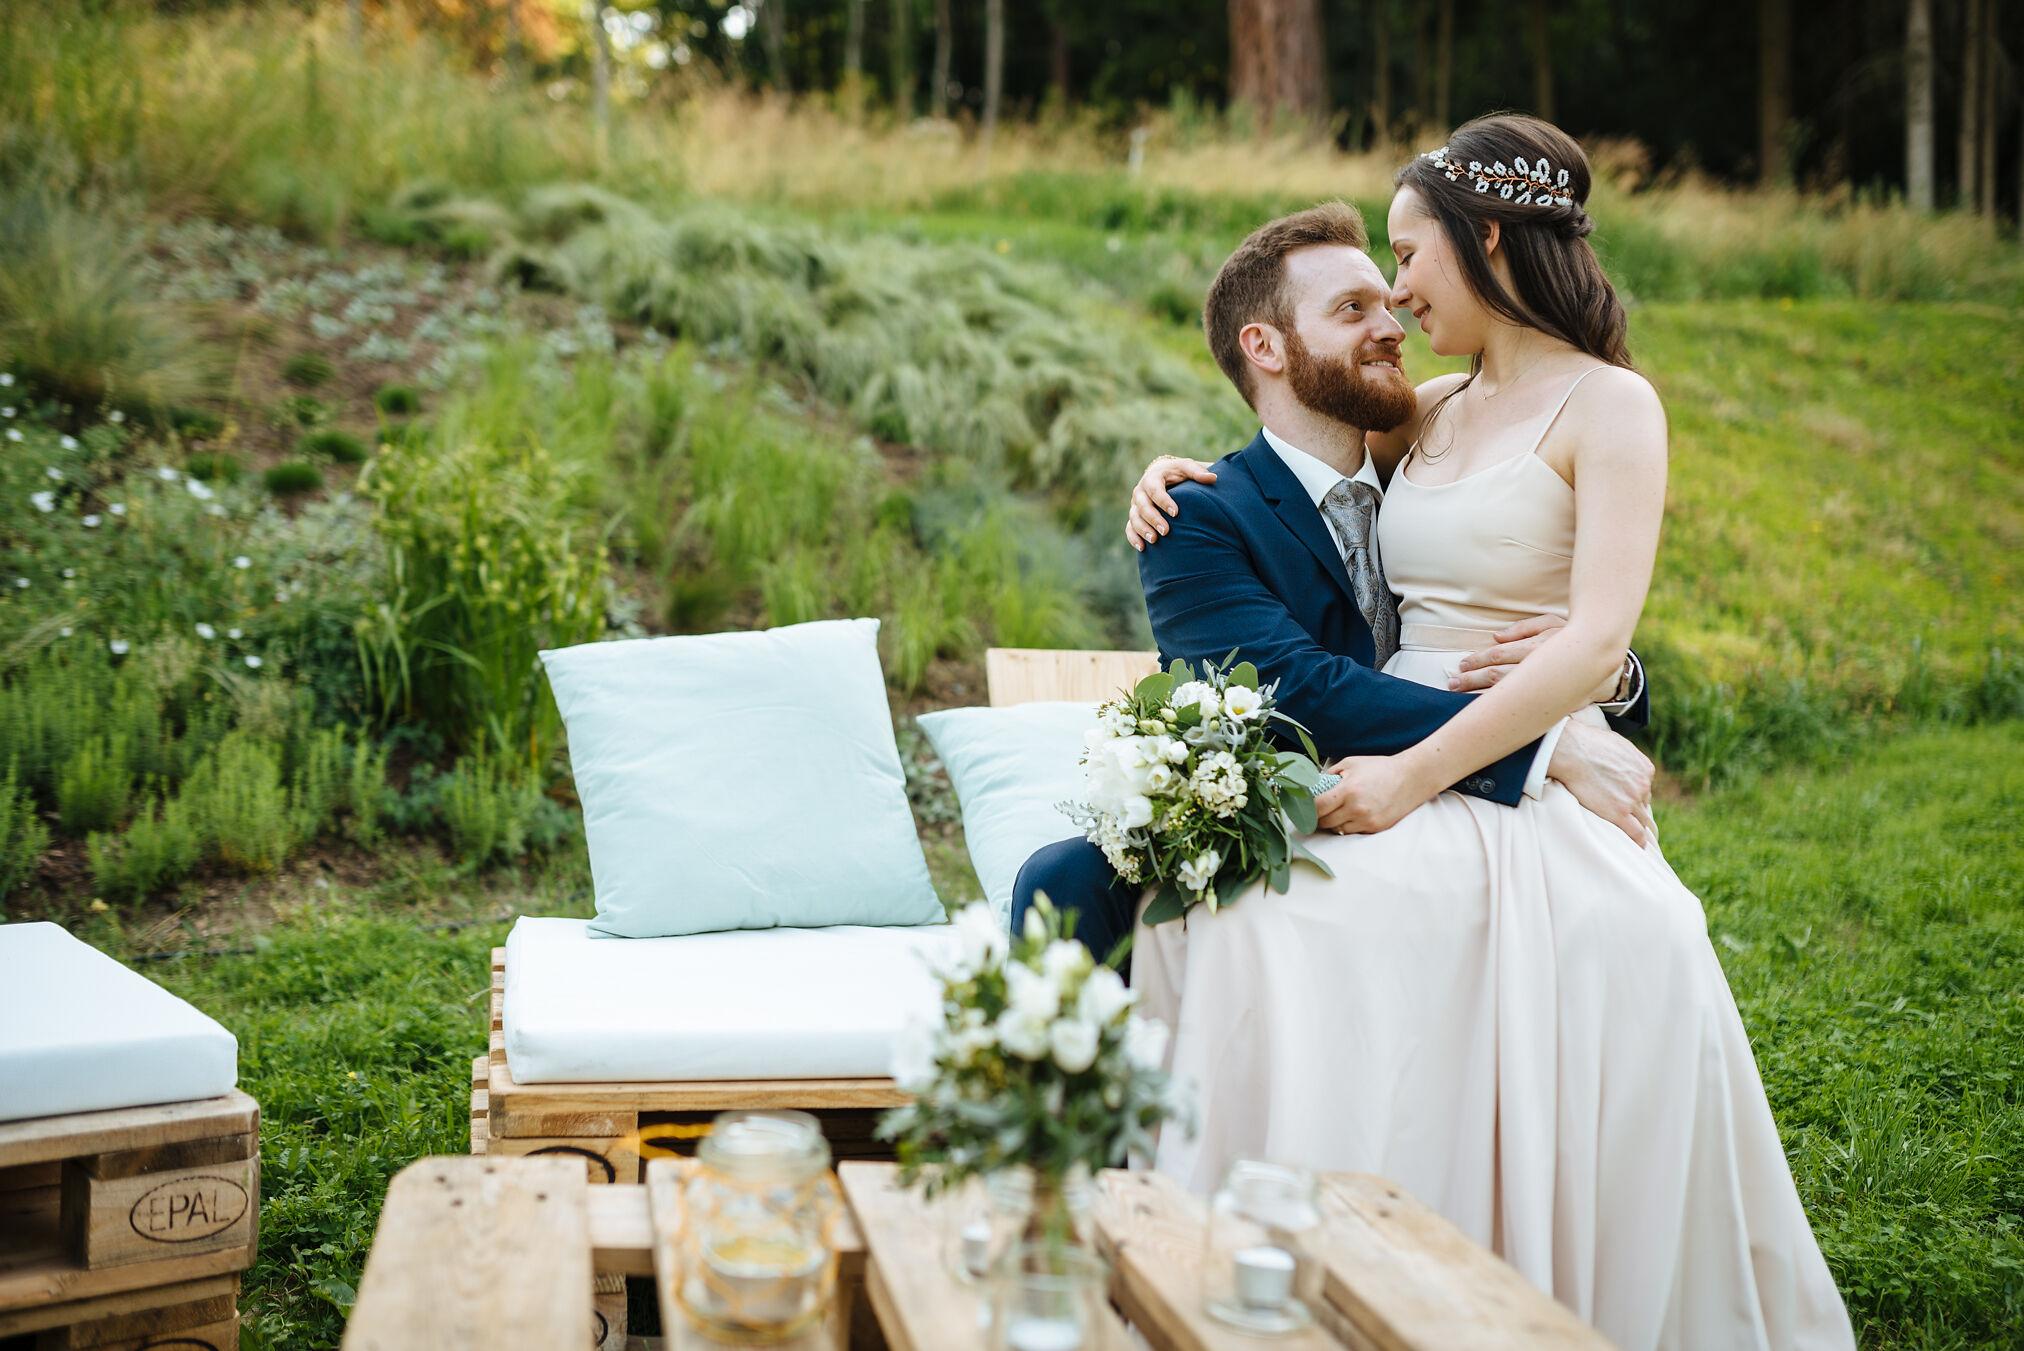 Hochzeit-Garten-Denoti-29.jpg